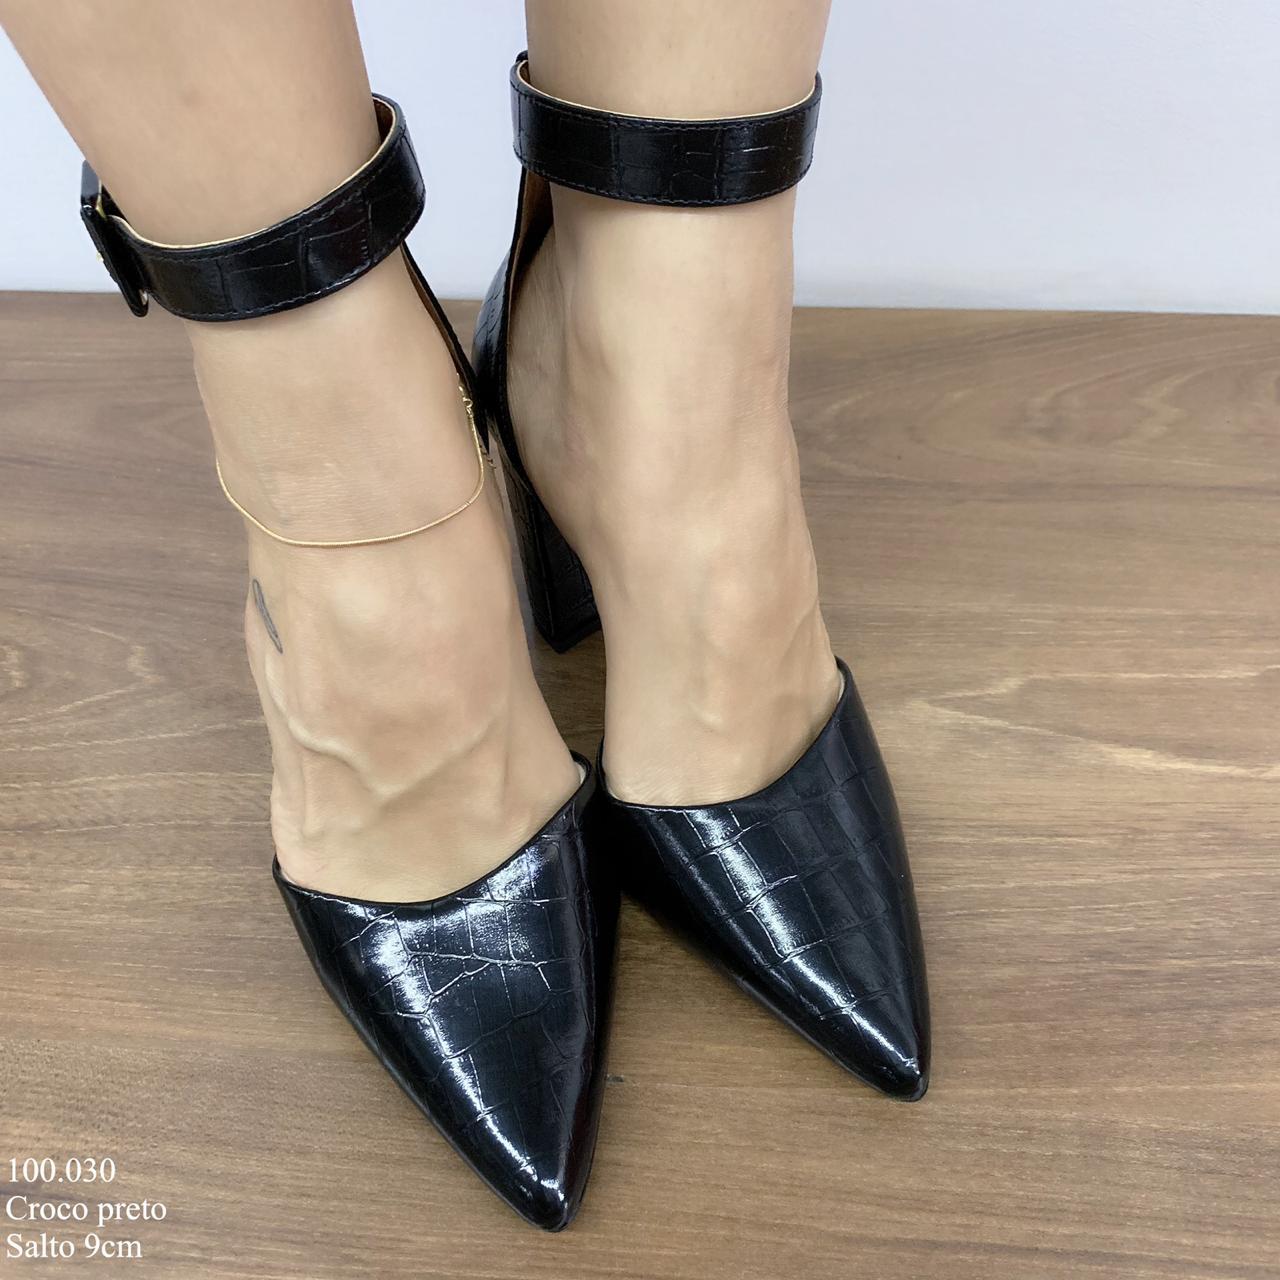 Sapato Scarpin Preto Croco   D-100.030